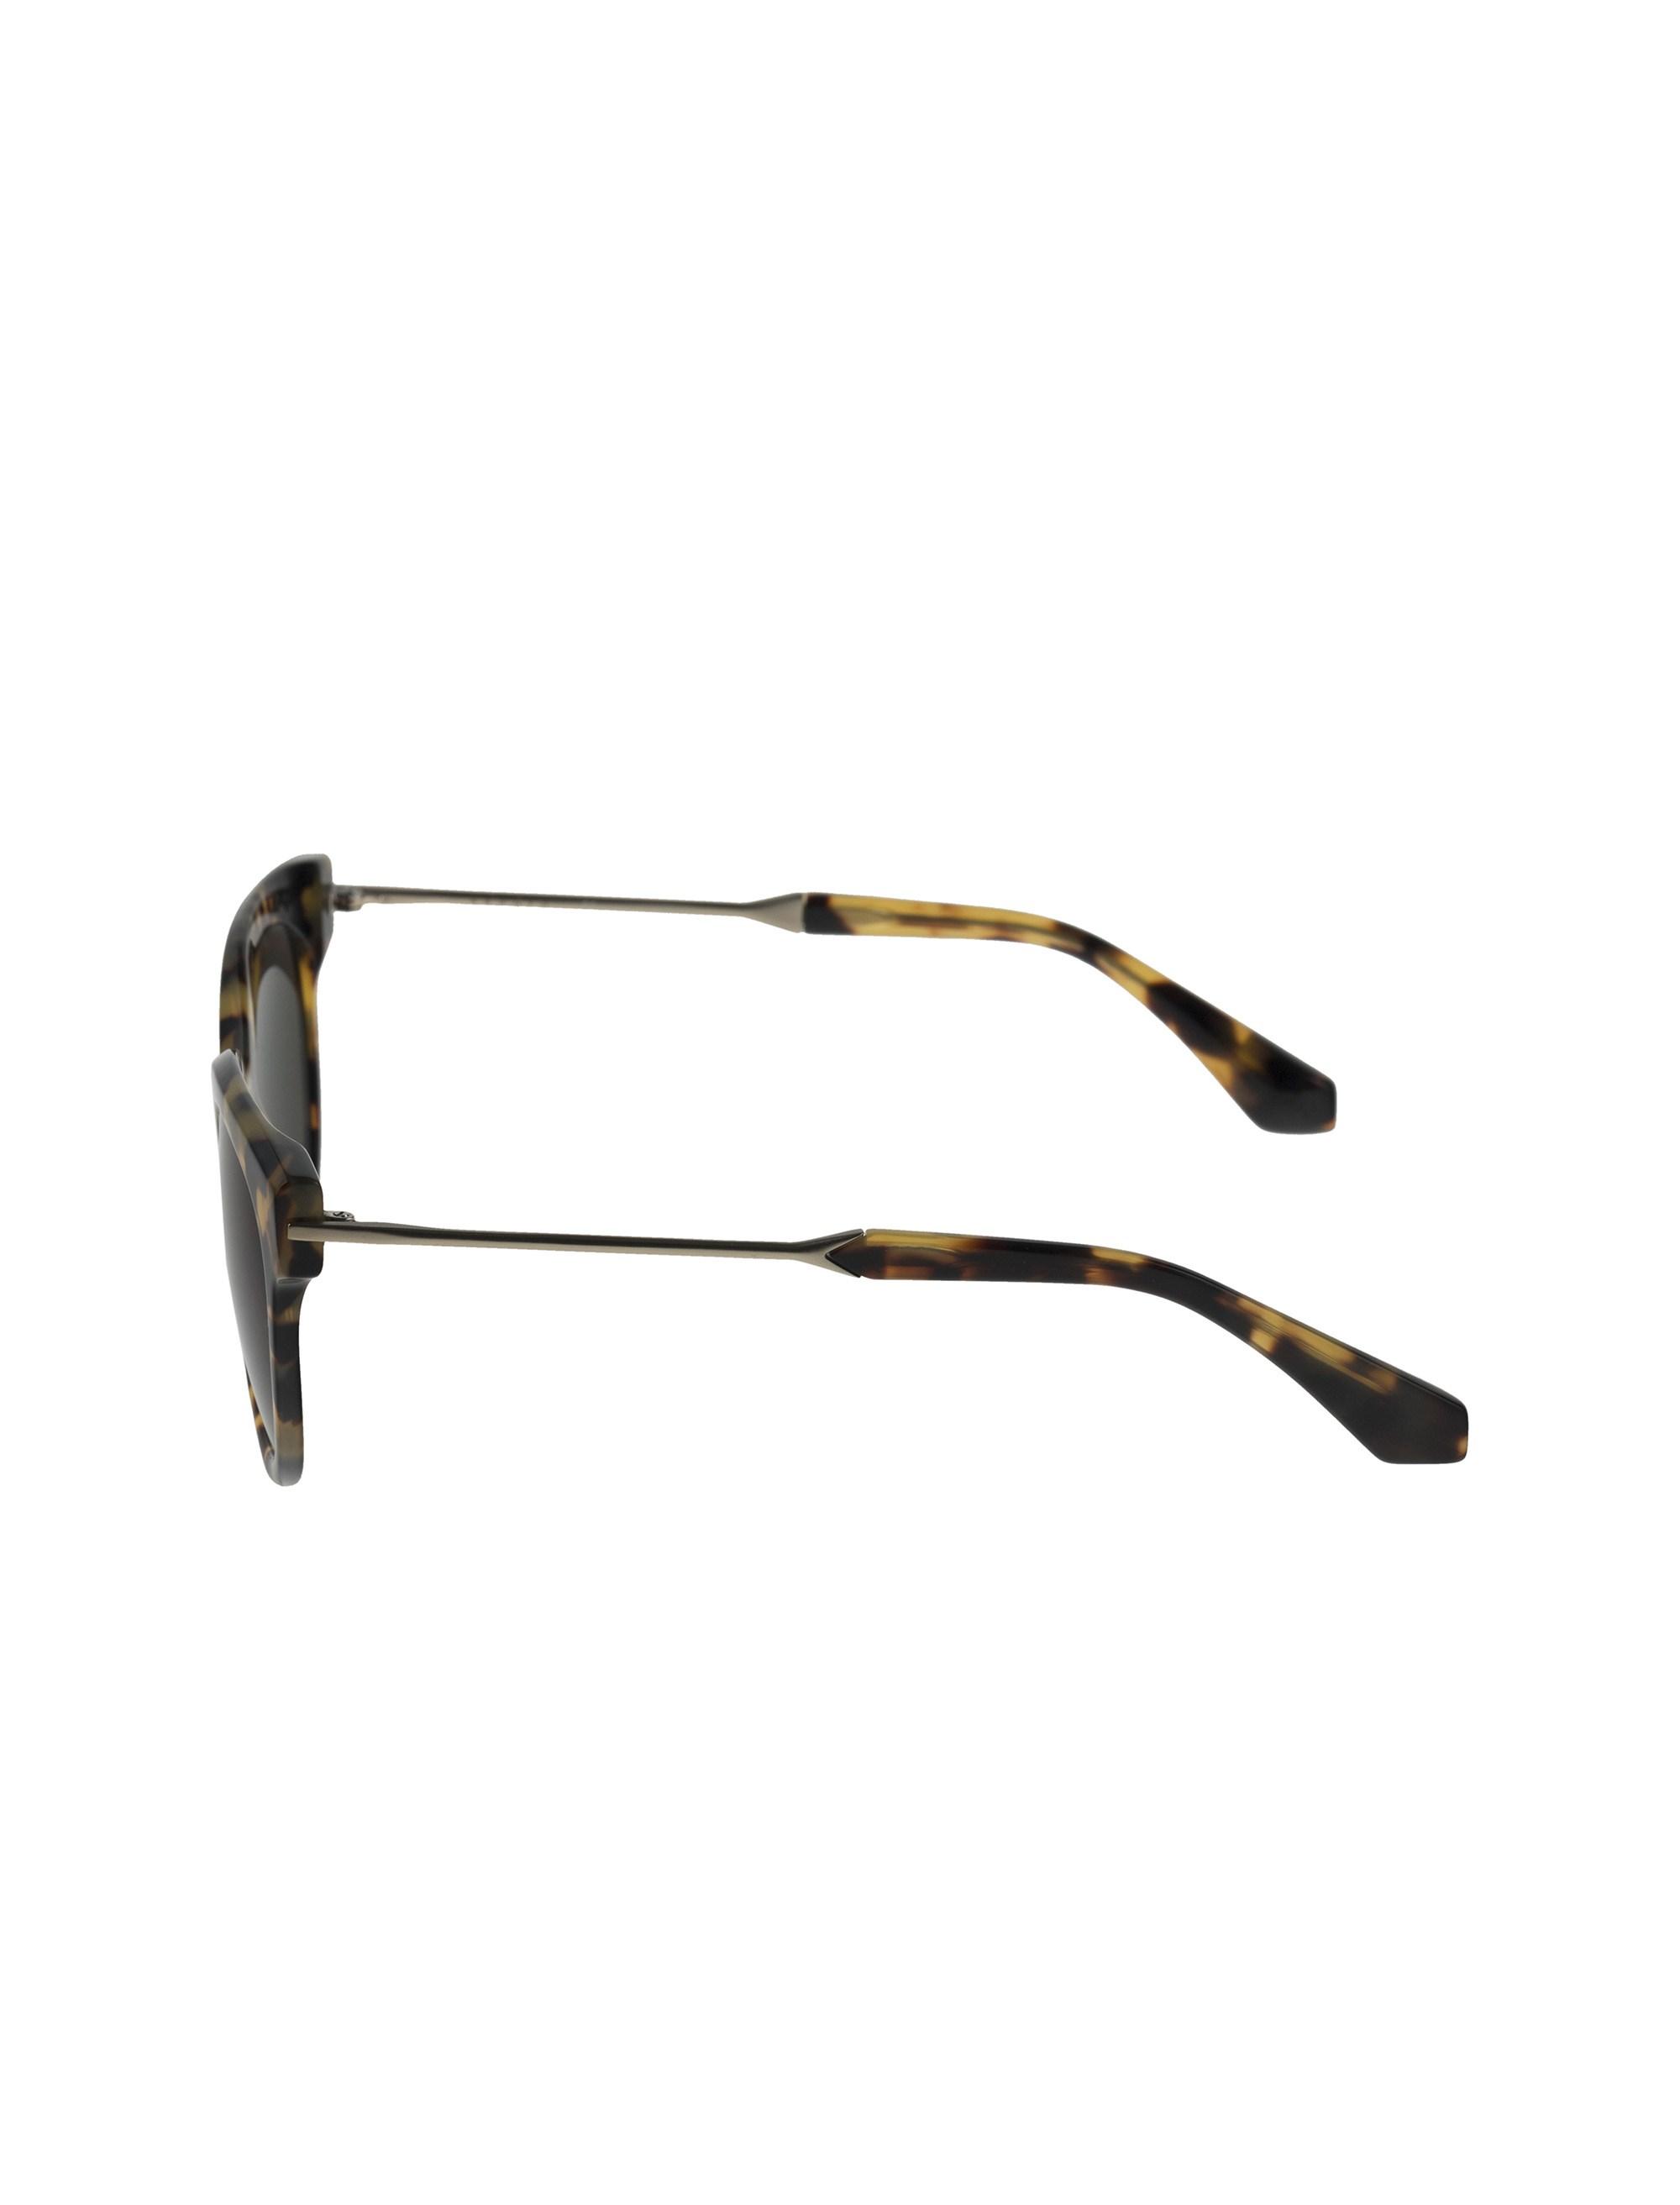 عینک آفتابی گربه ای زنانه - ساندرو - قهوه اي       - 3